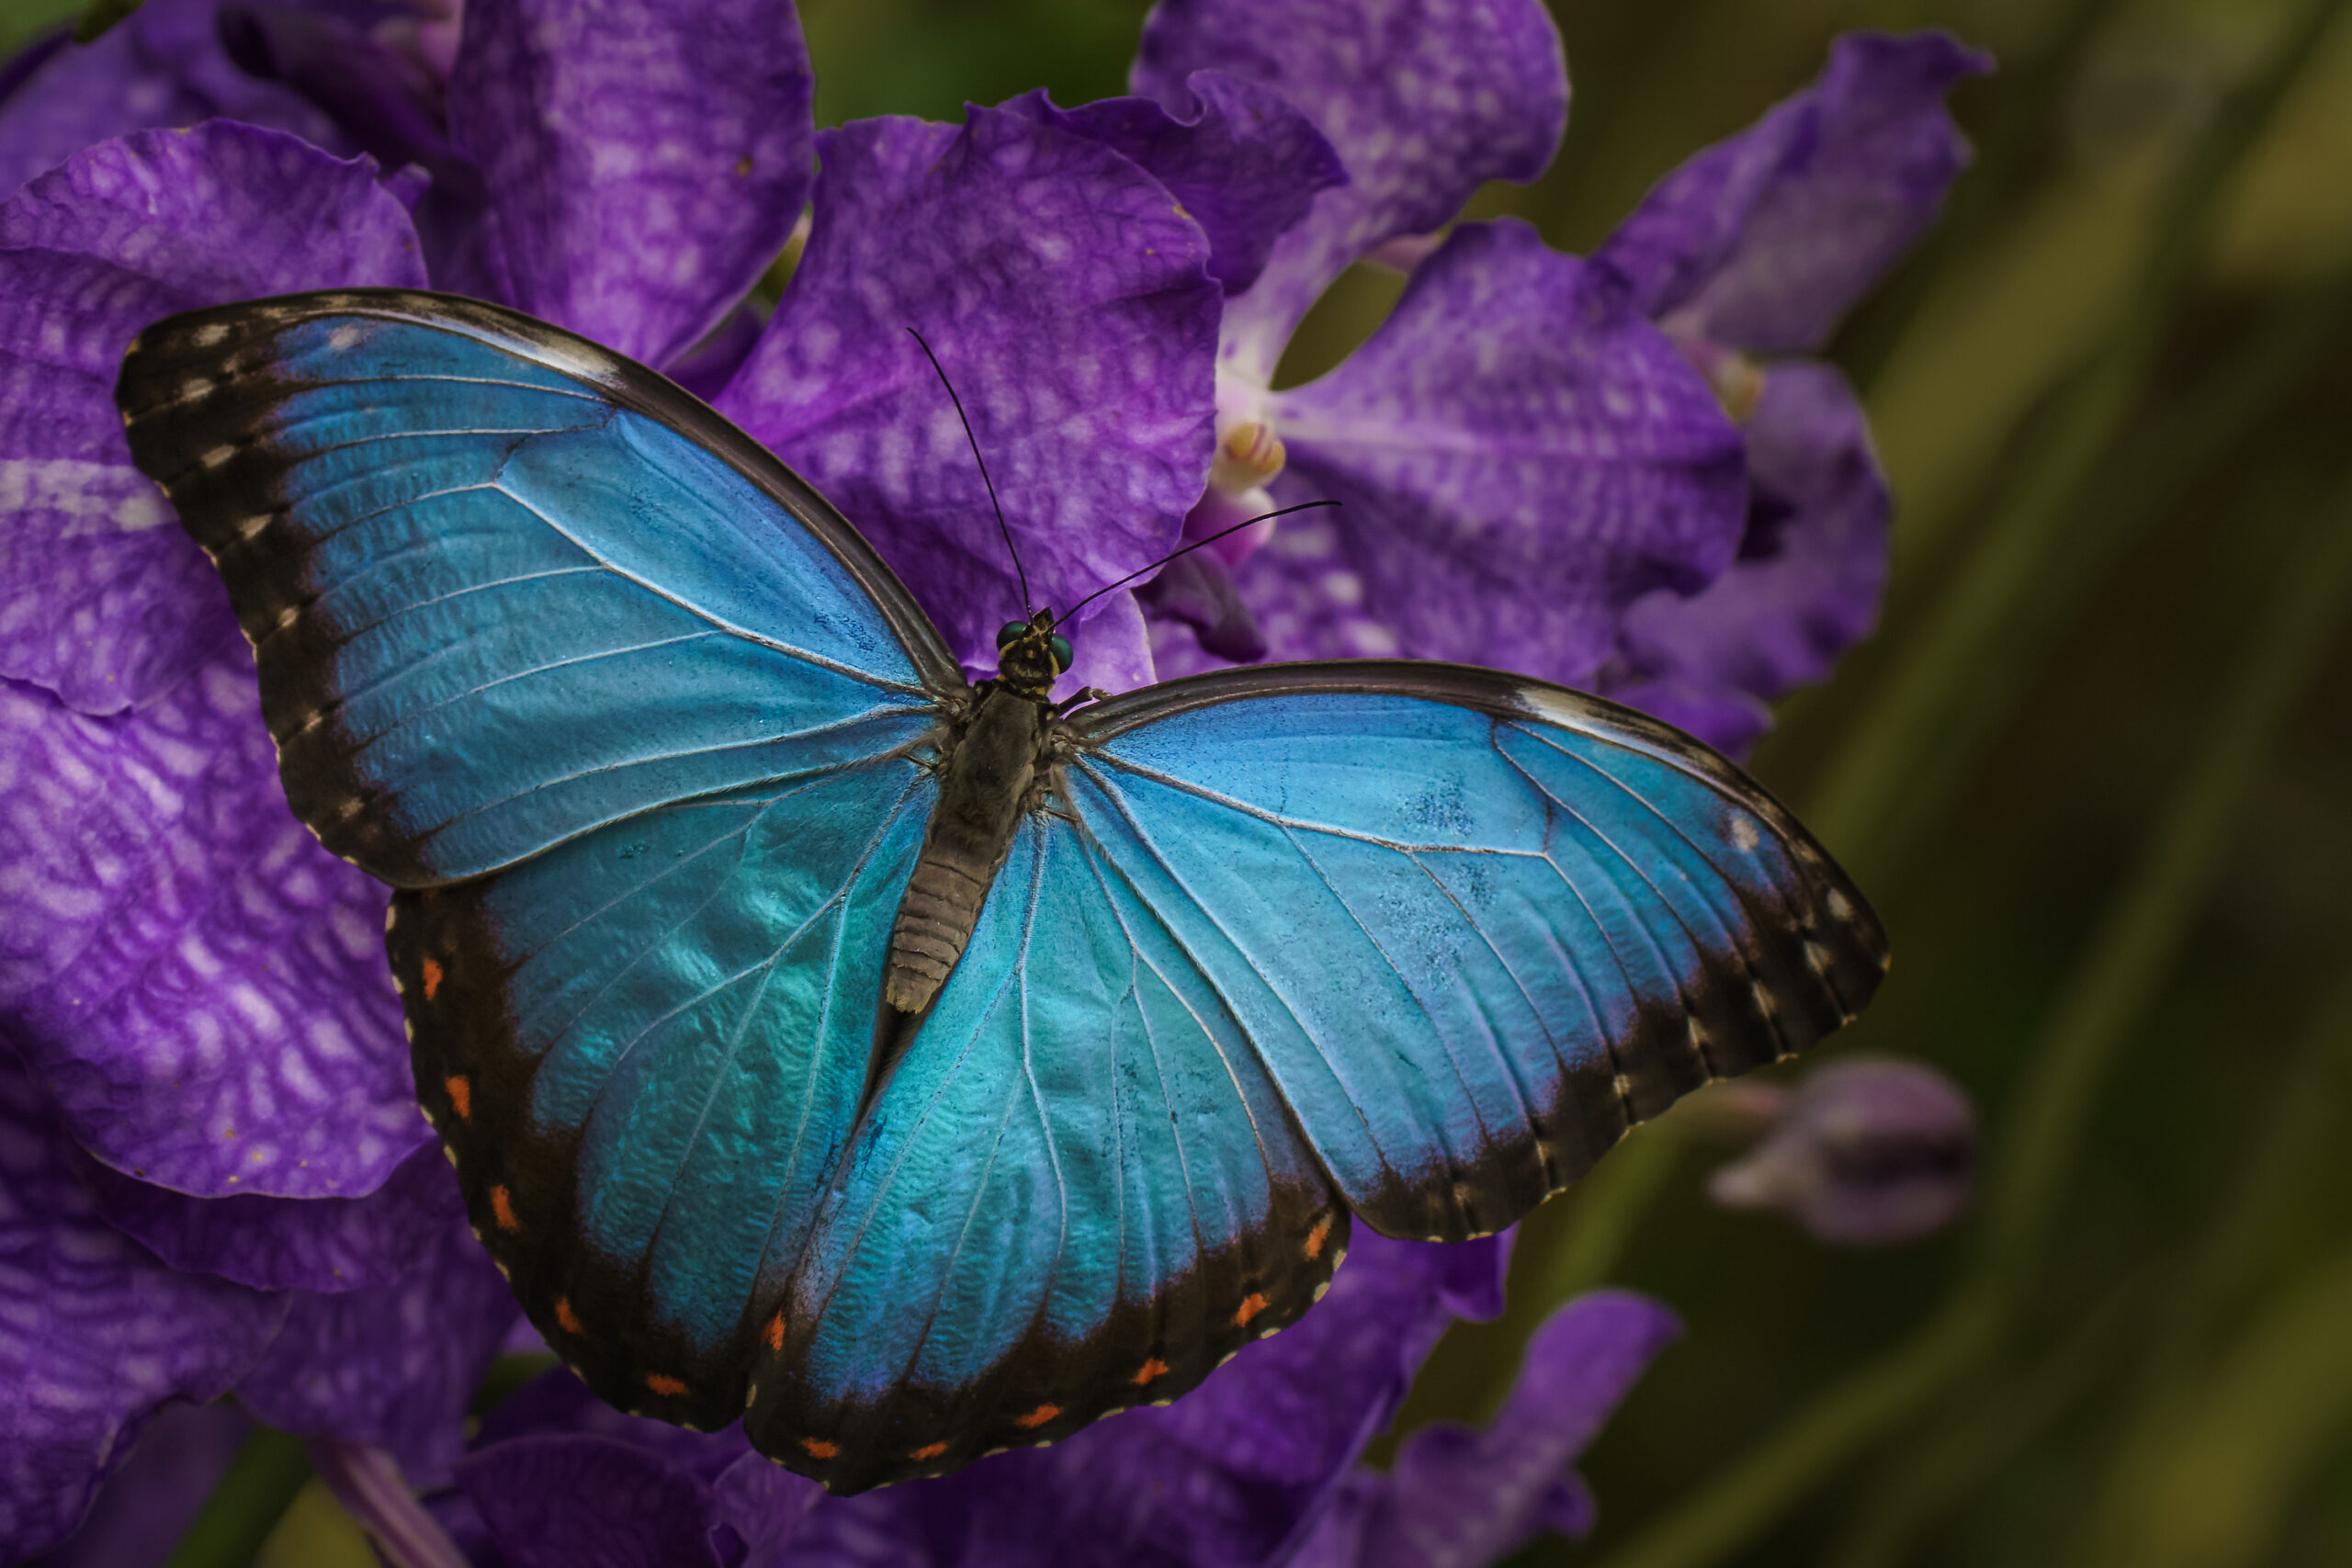 モルフォ蝶は「生きた宝石」